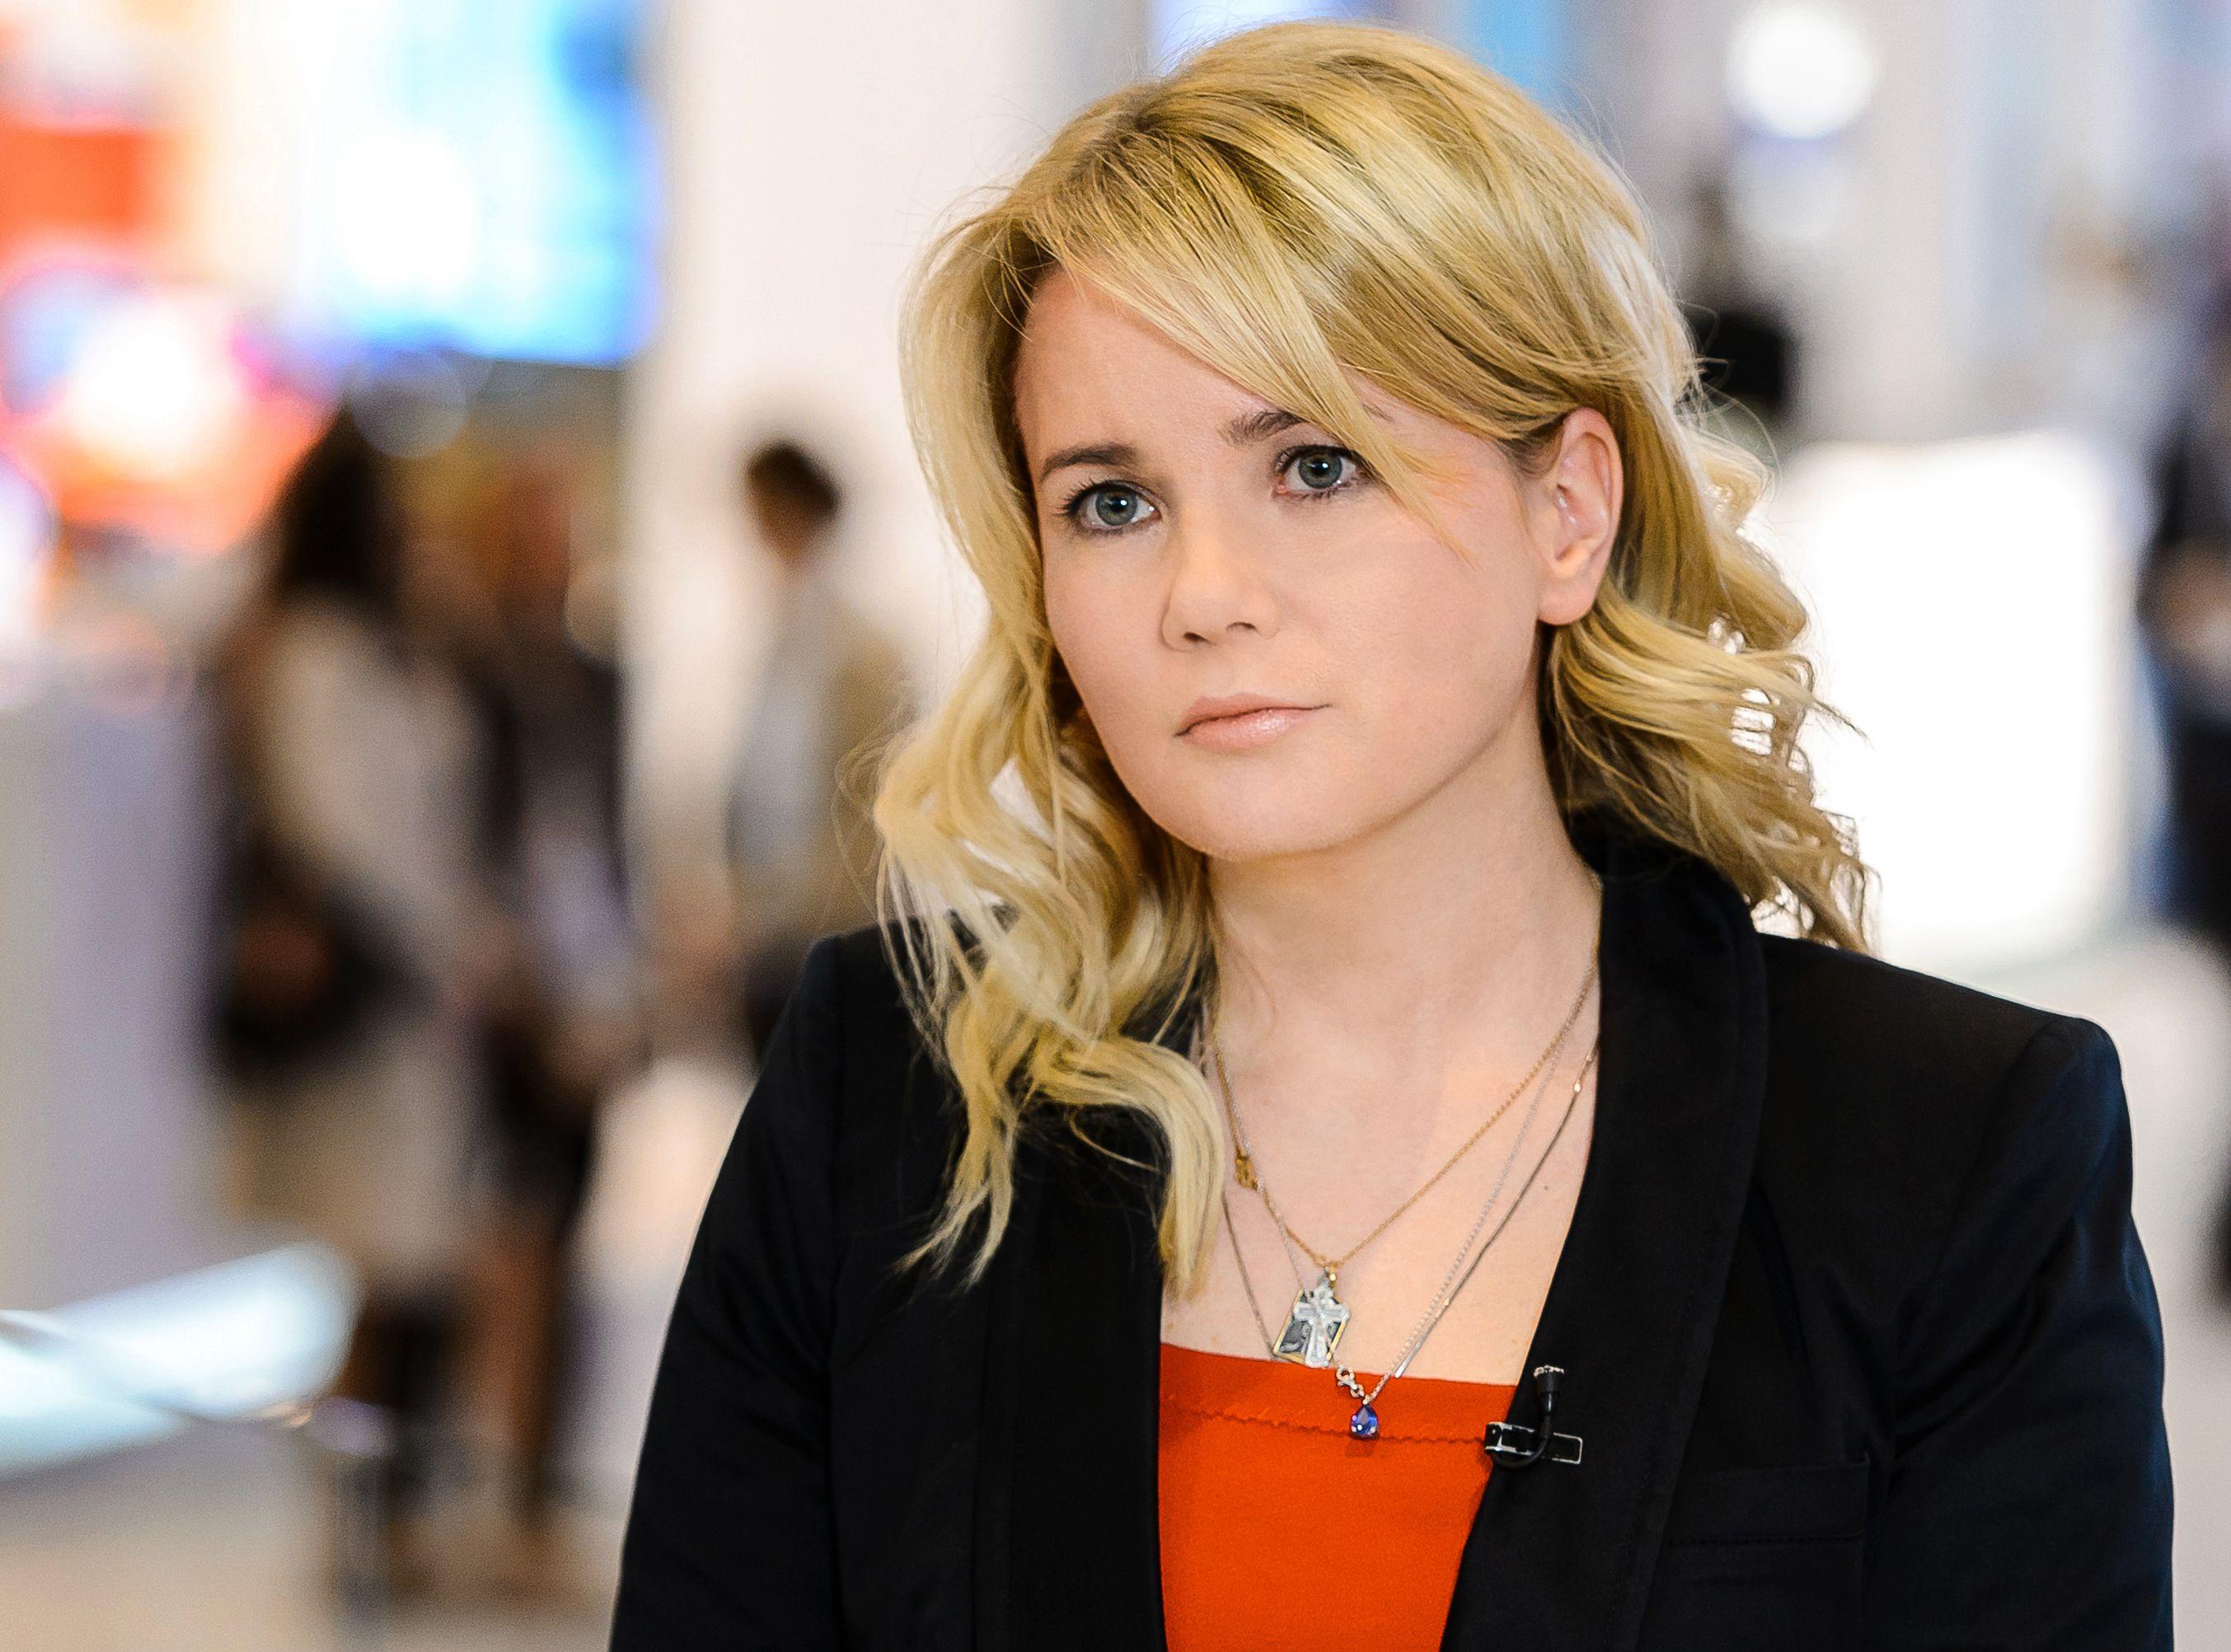 Наталья Сергунина рассказала об онлайн-конкурсе семейного творчества